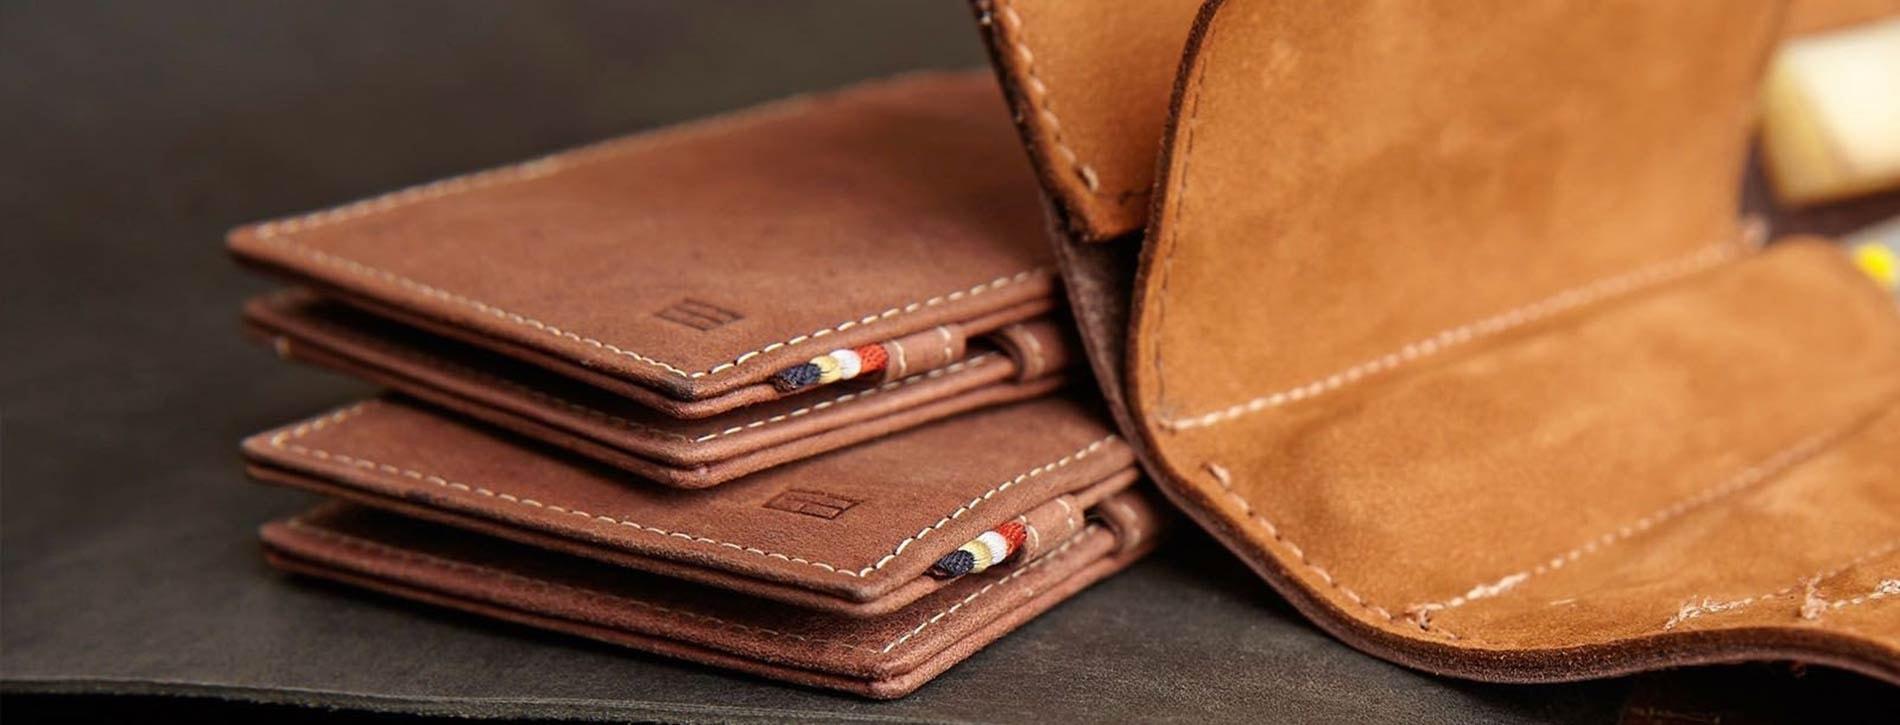 Garzini wallets